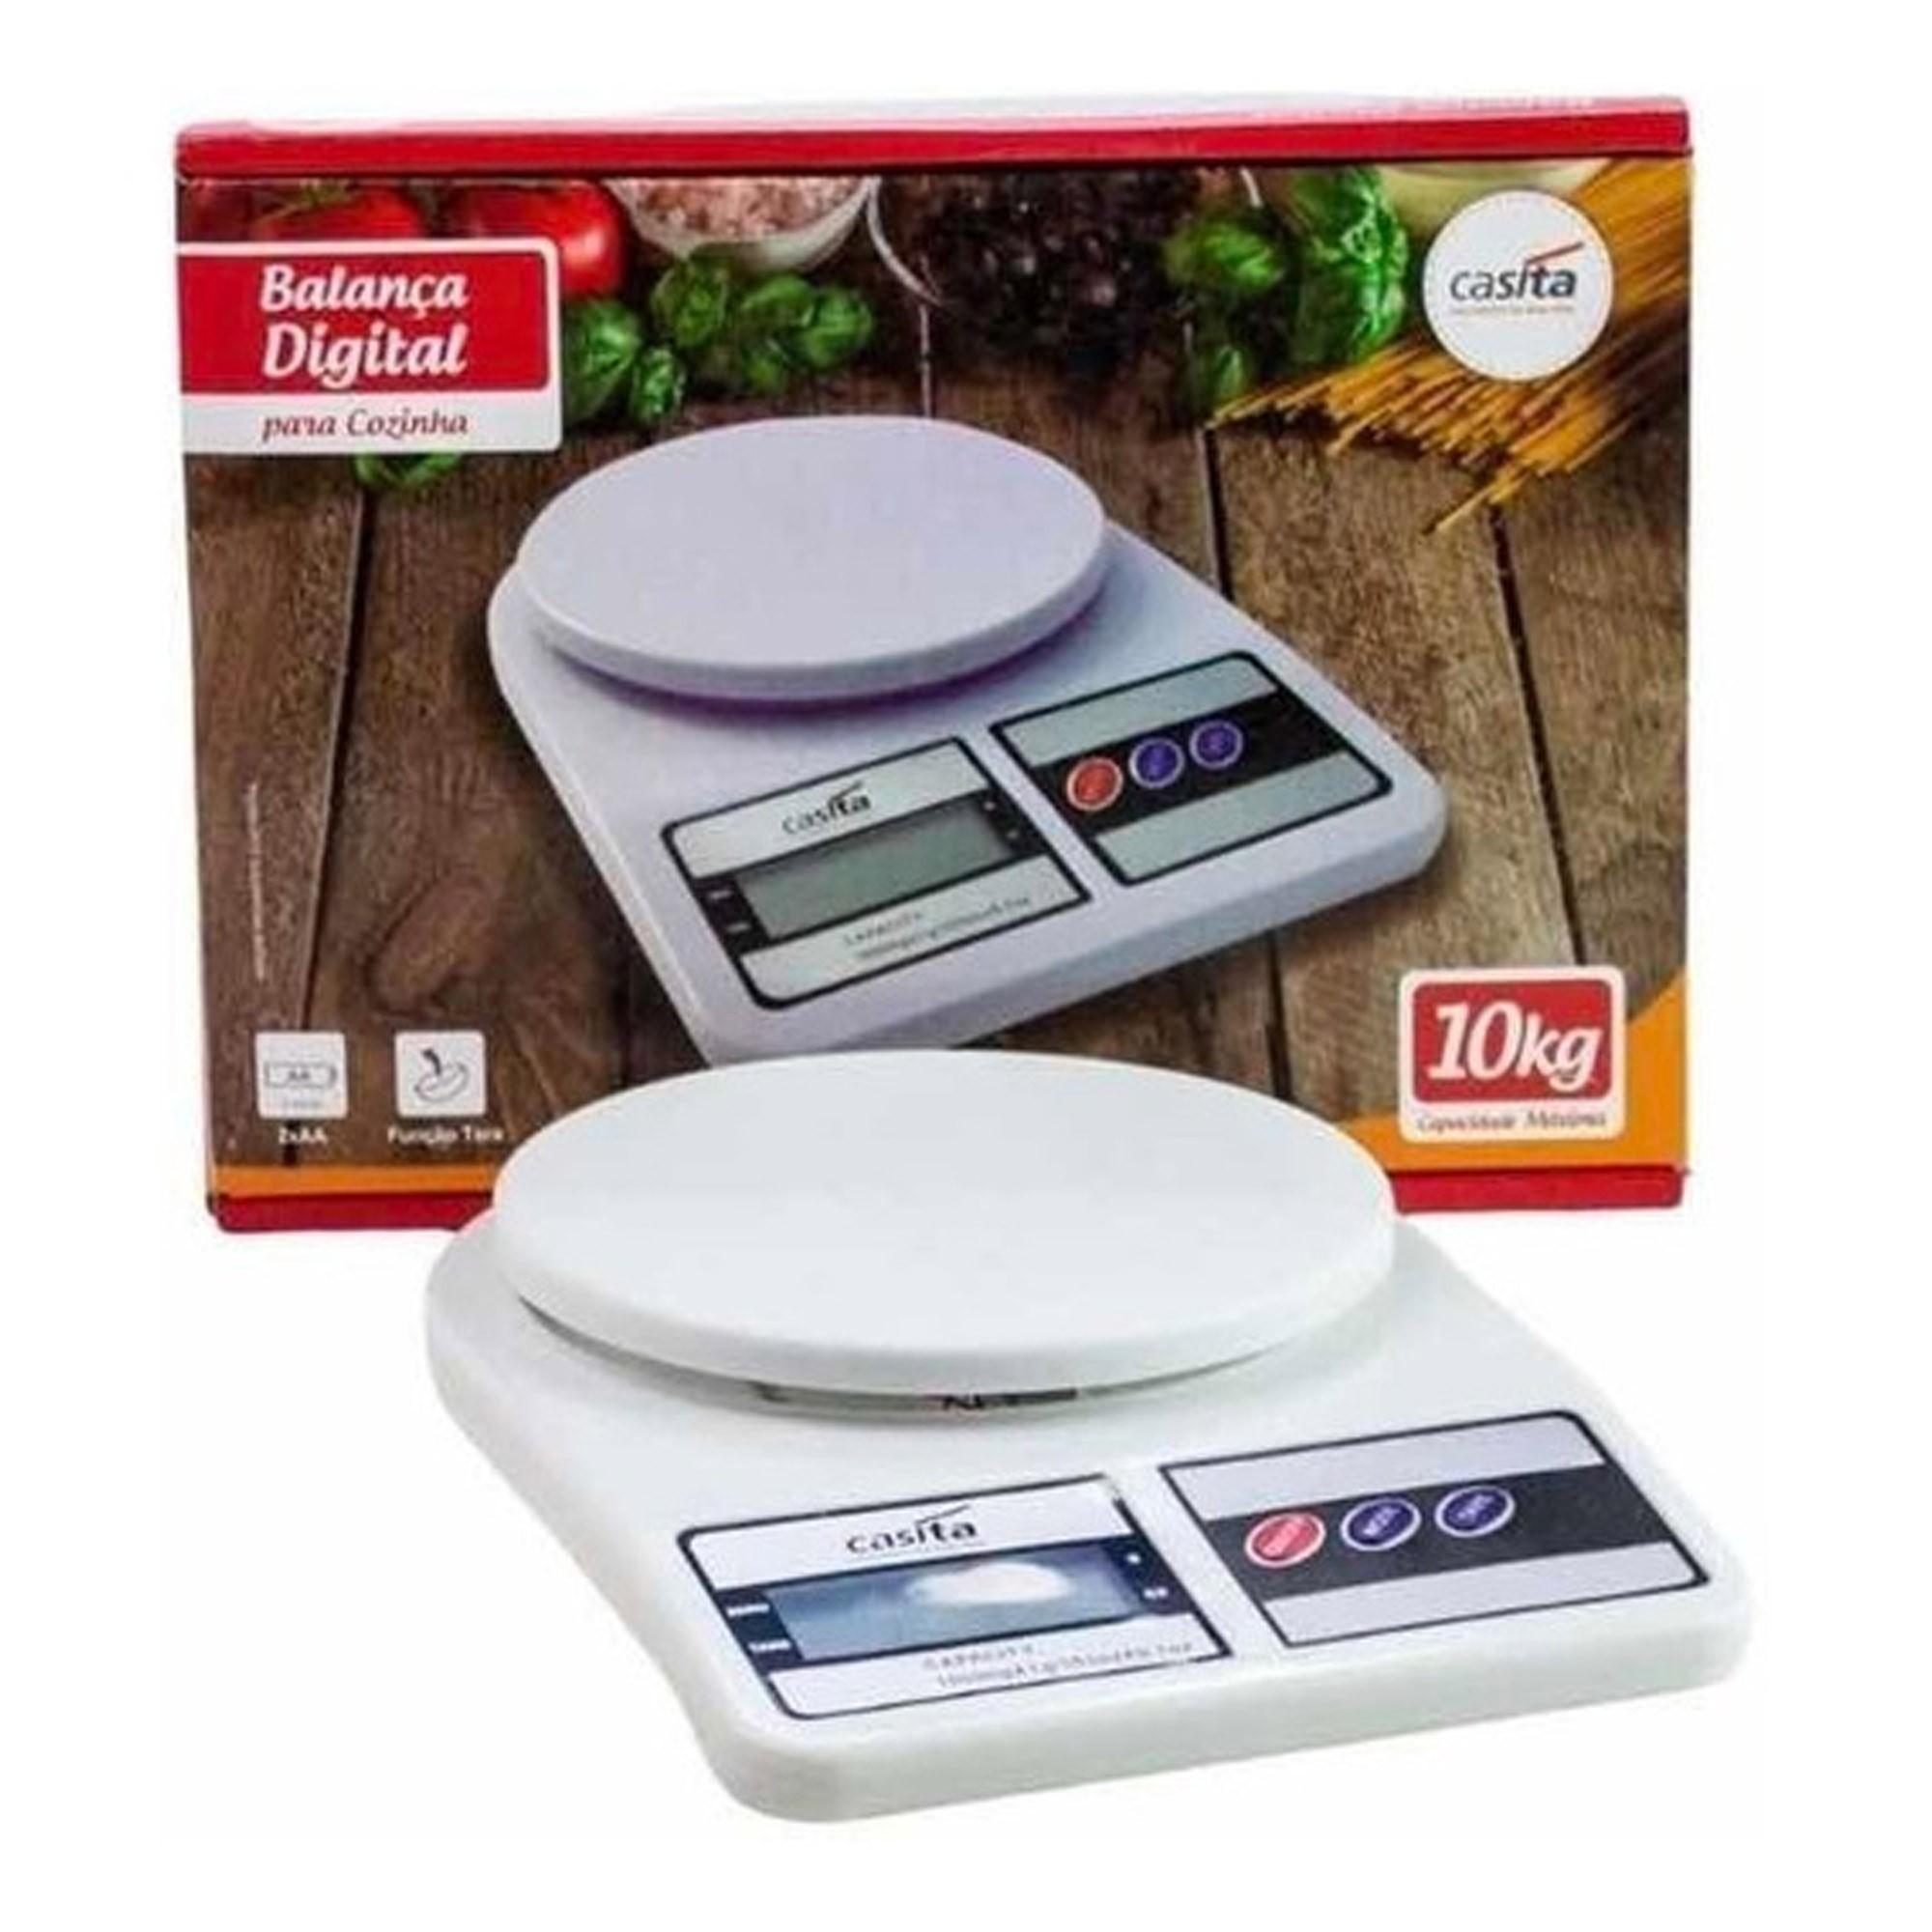 Balança Digital Cozinha Doméstica Alta Precisão 10Kg - Casita